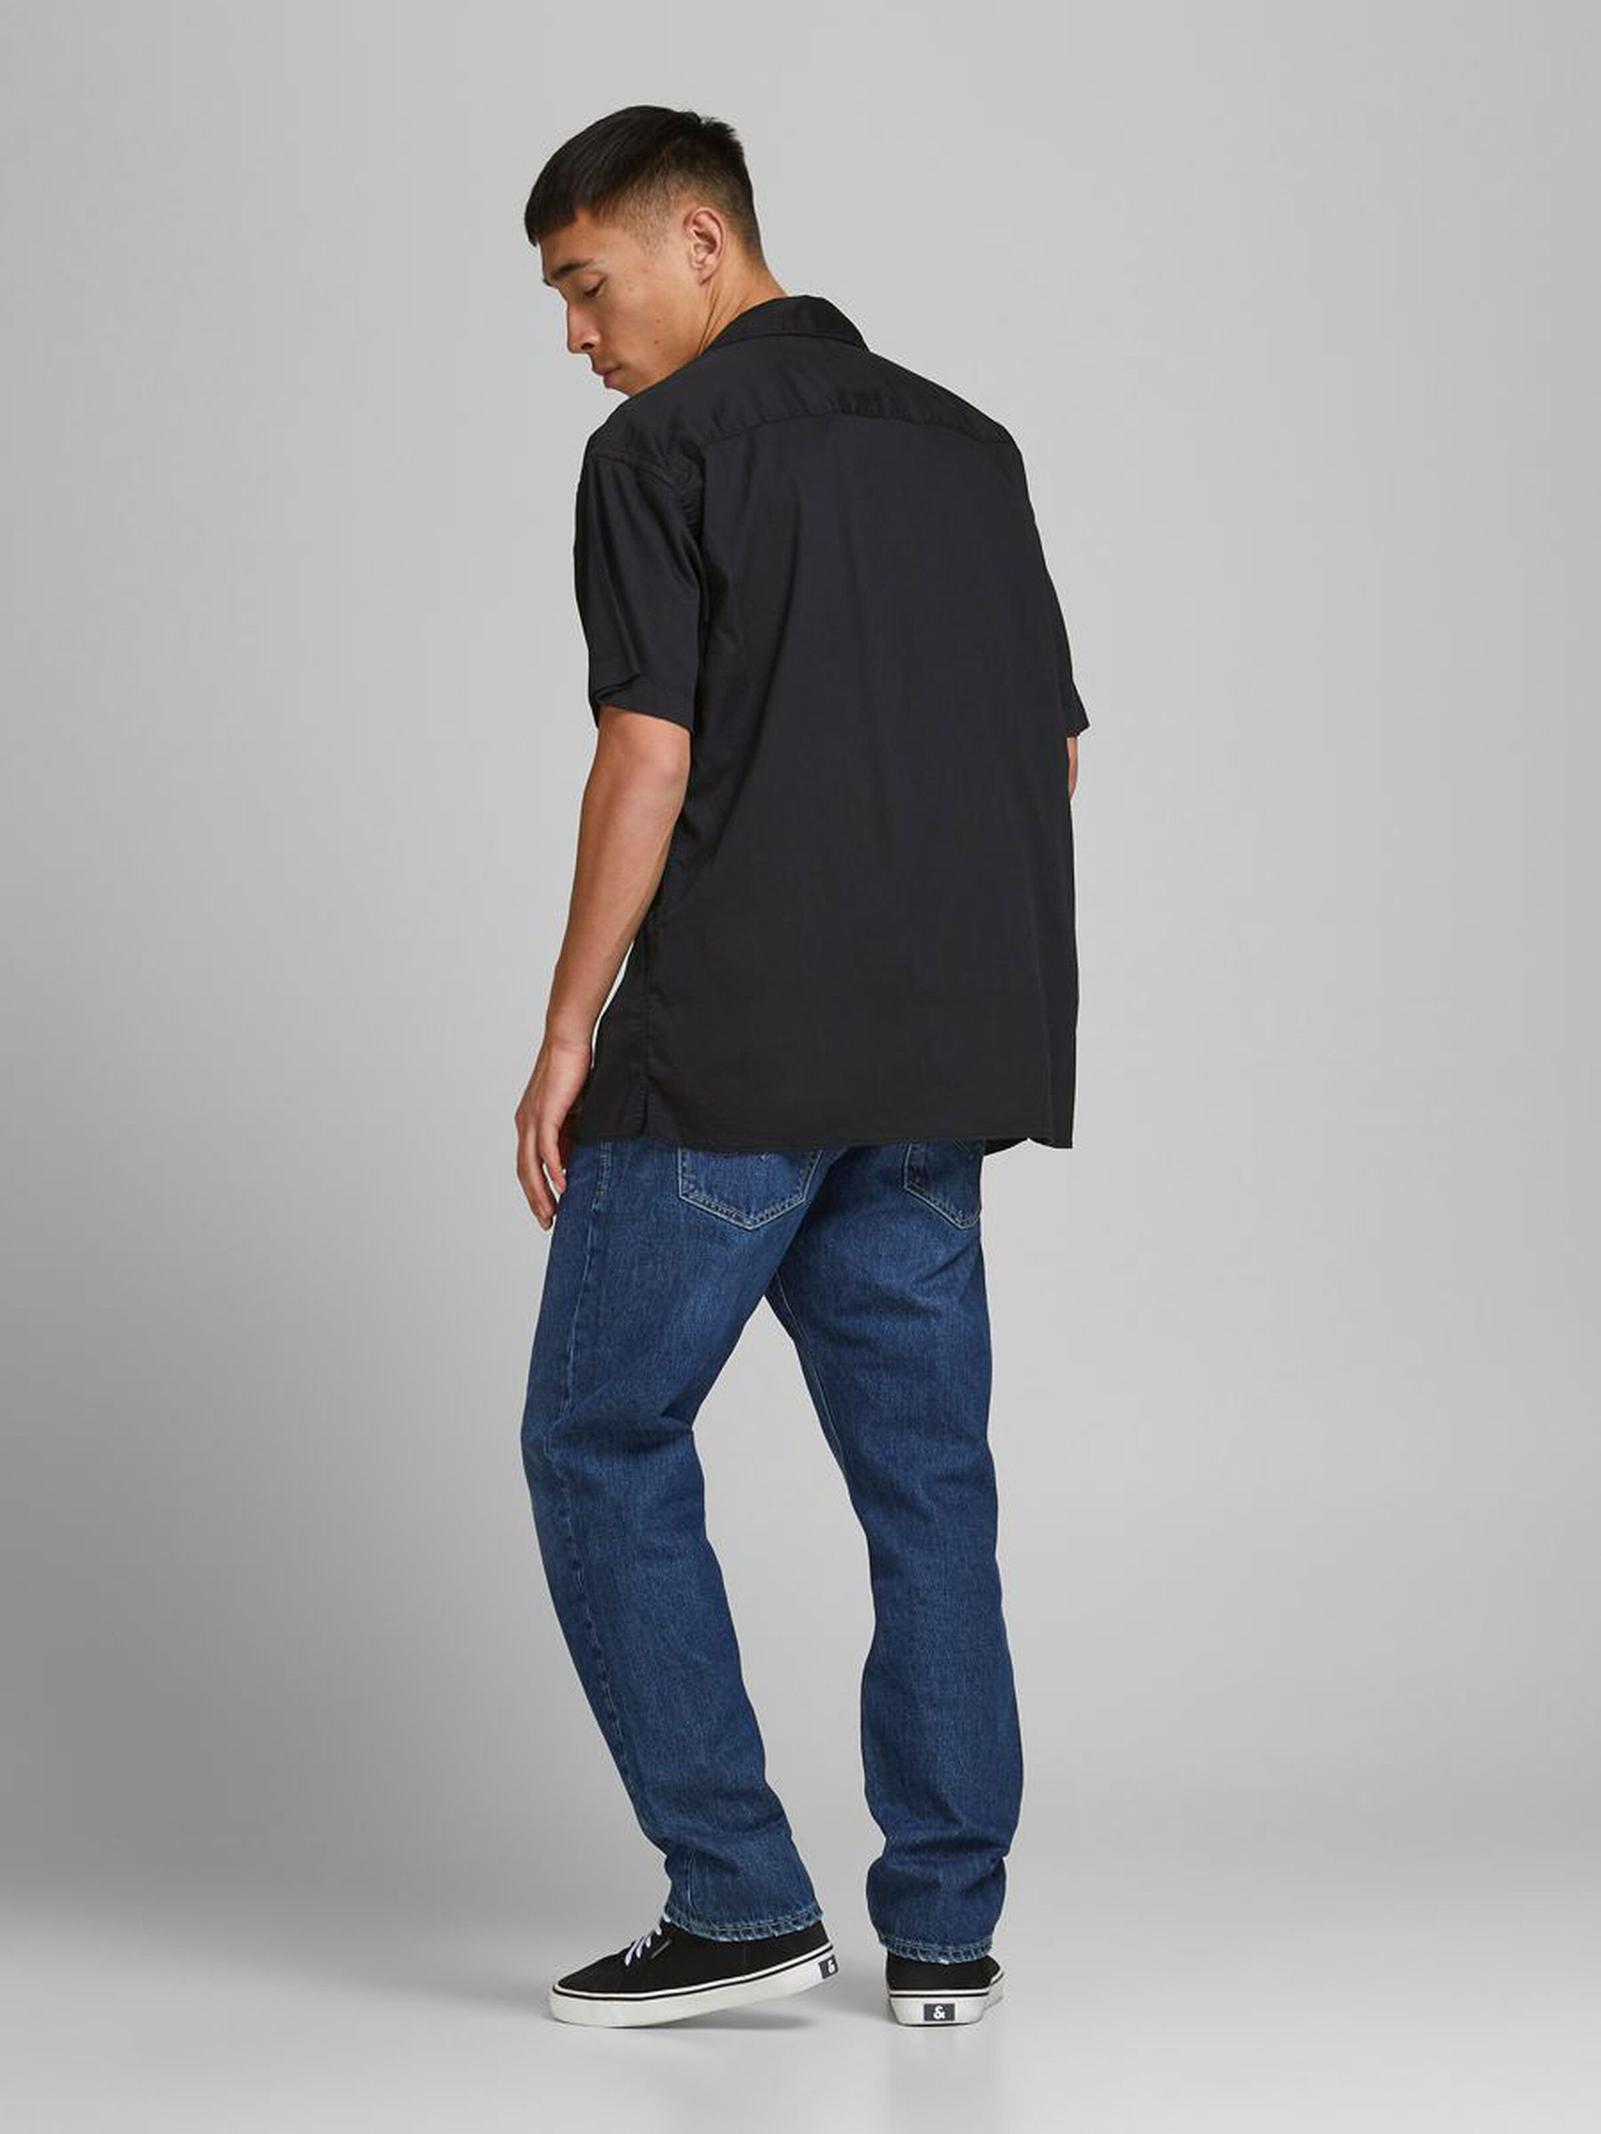 Shirt JACK & JONES | Shirts | 12183614NERO